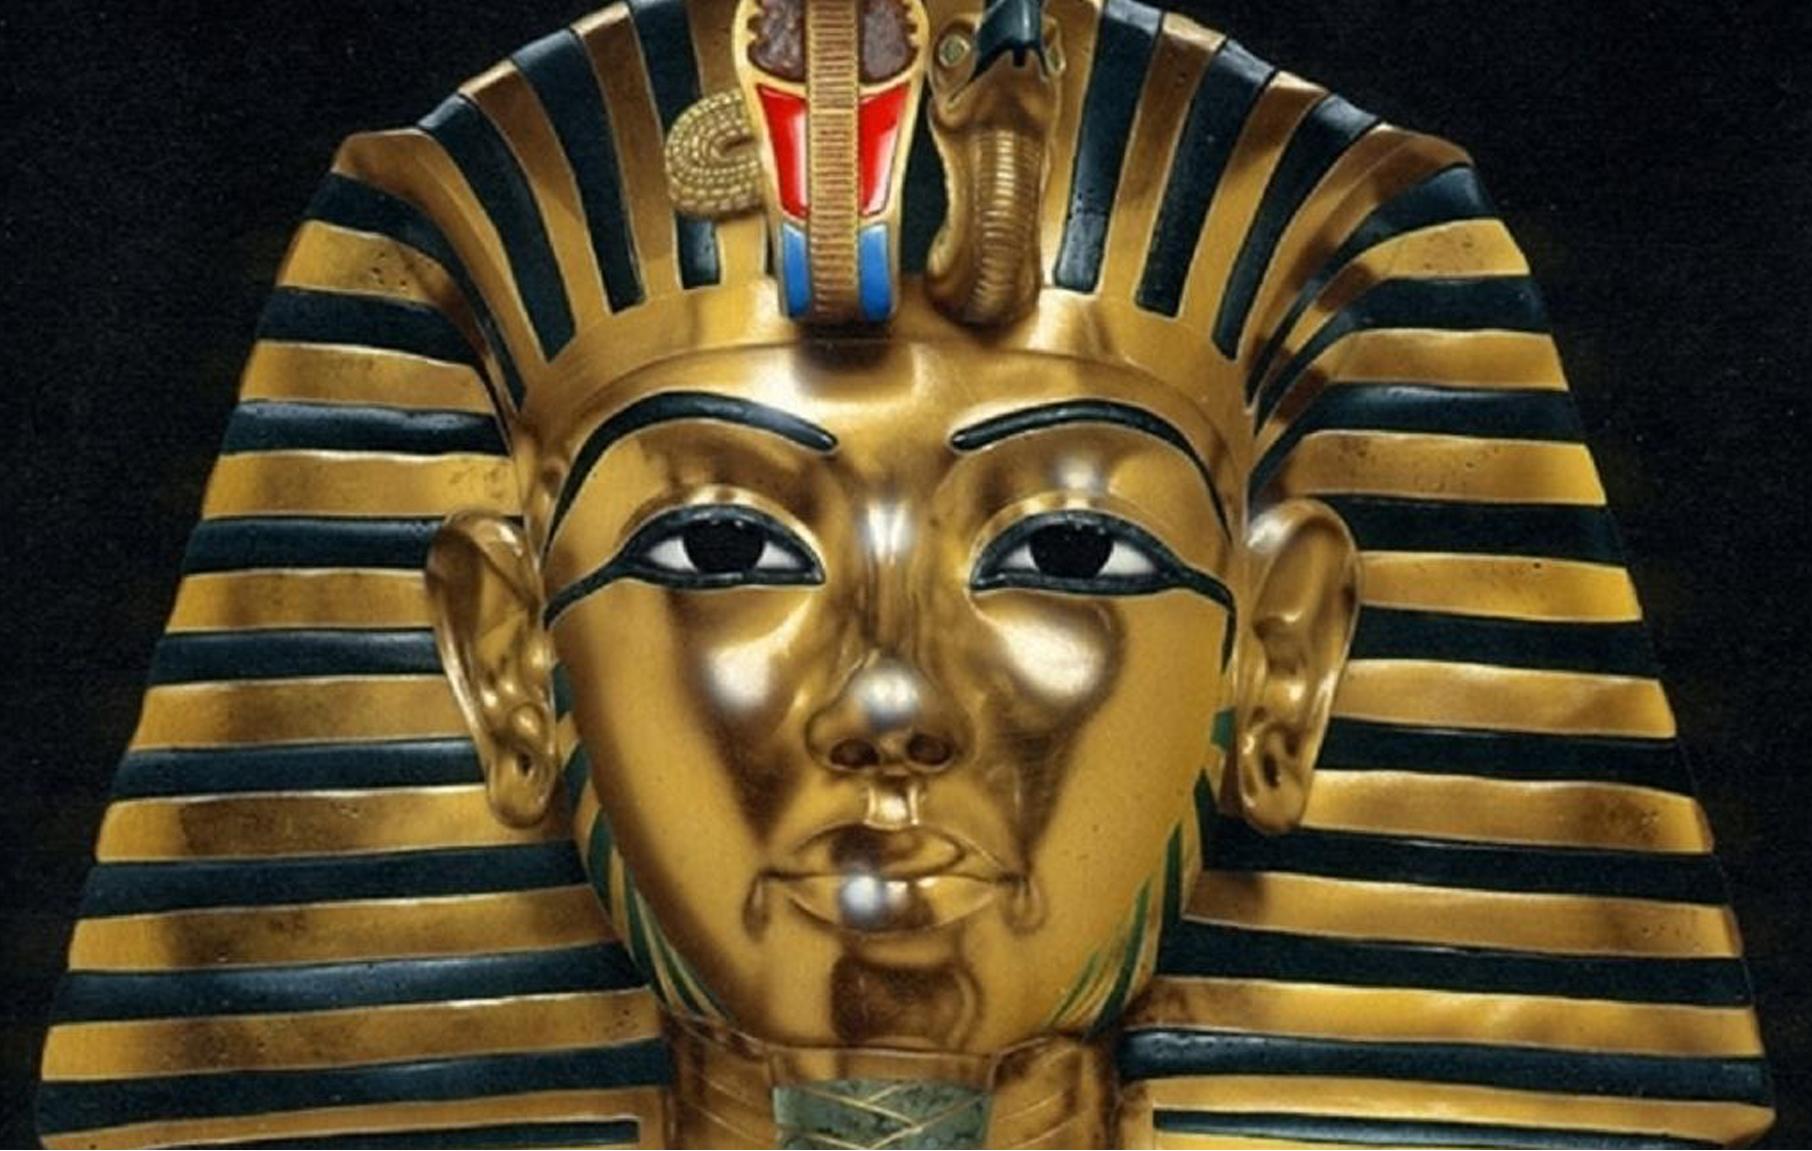 Pharao Gold Cheats